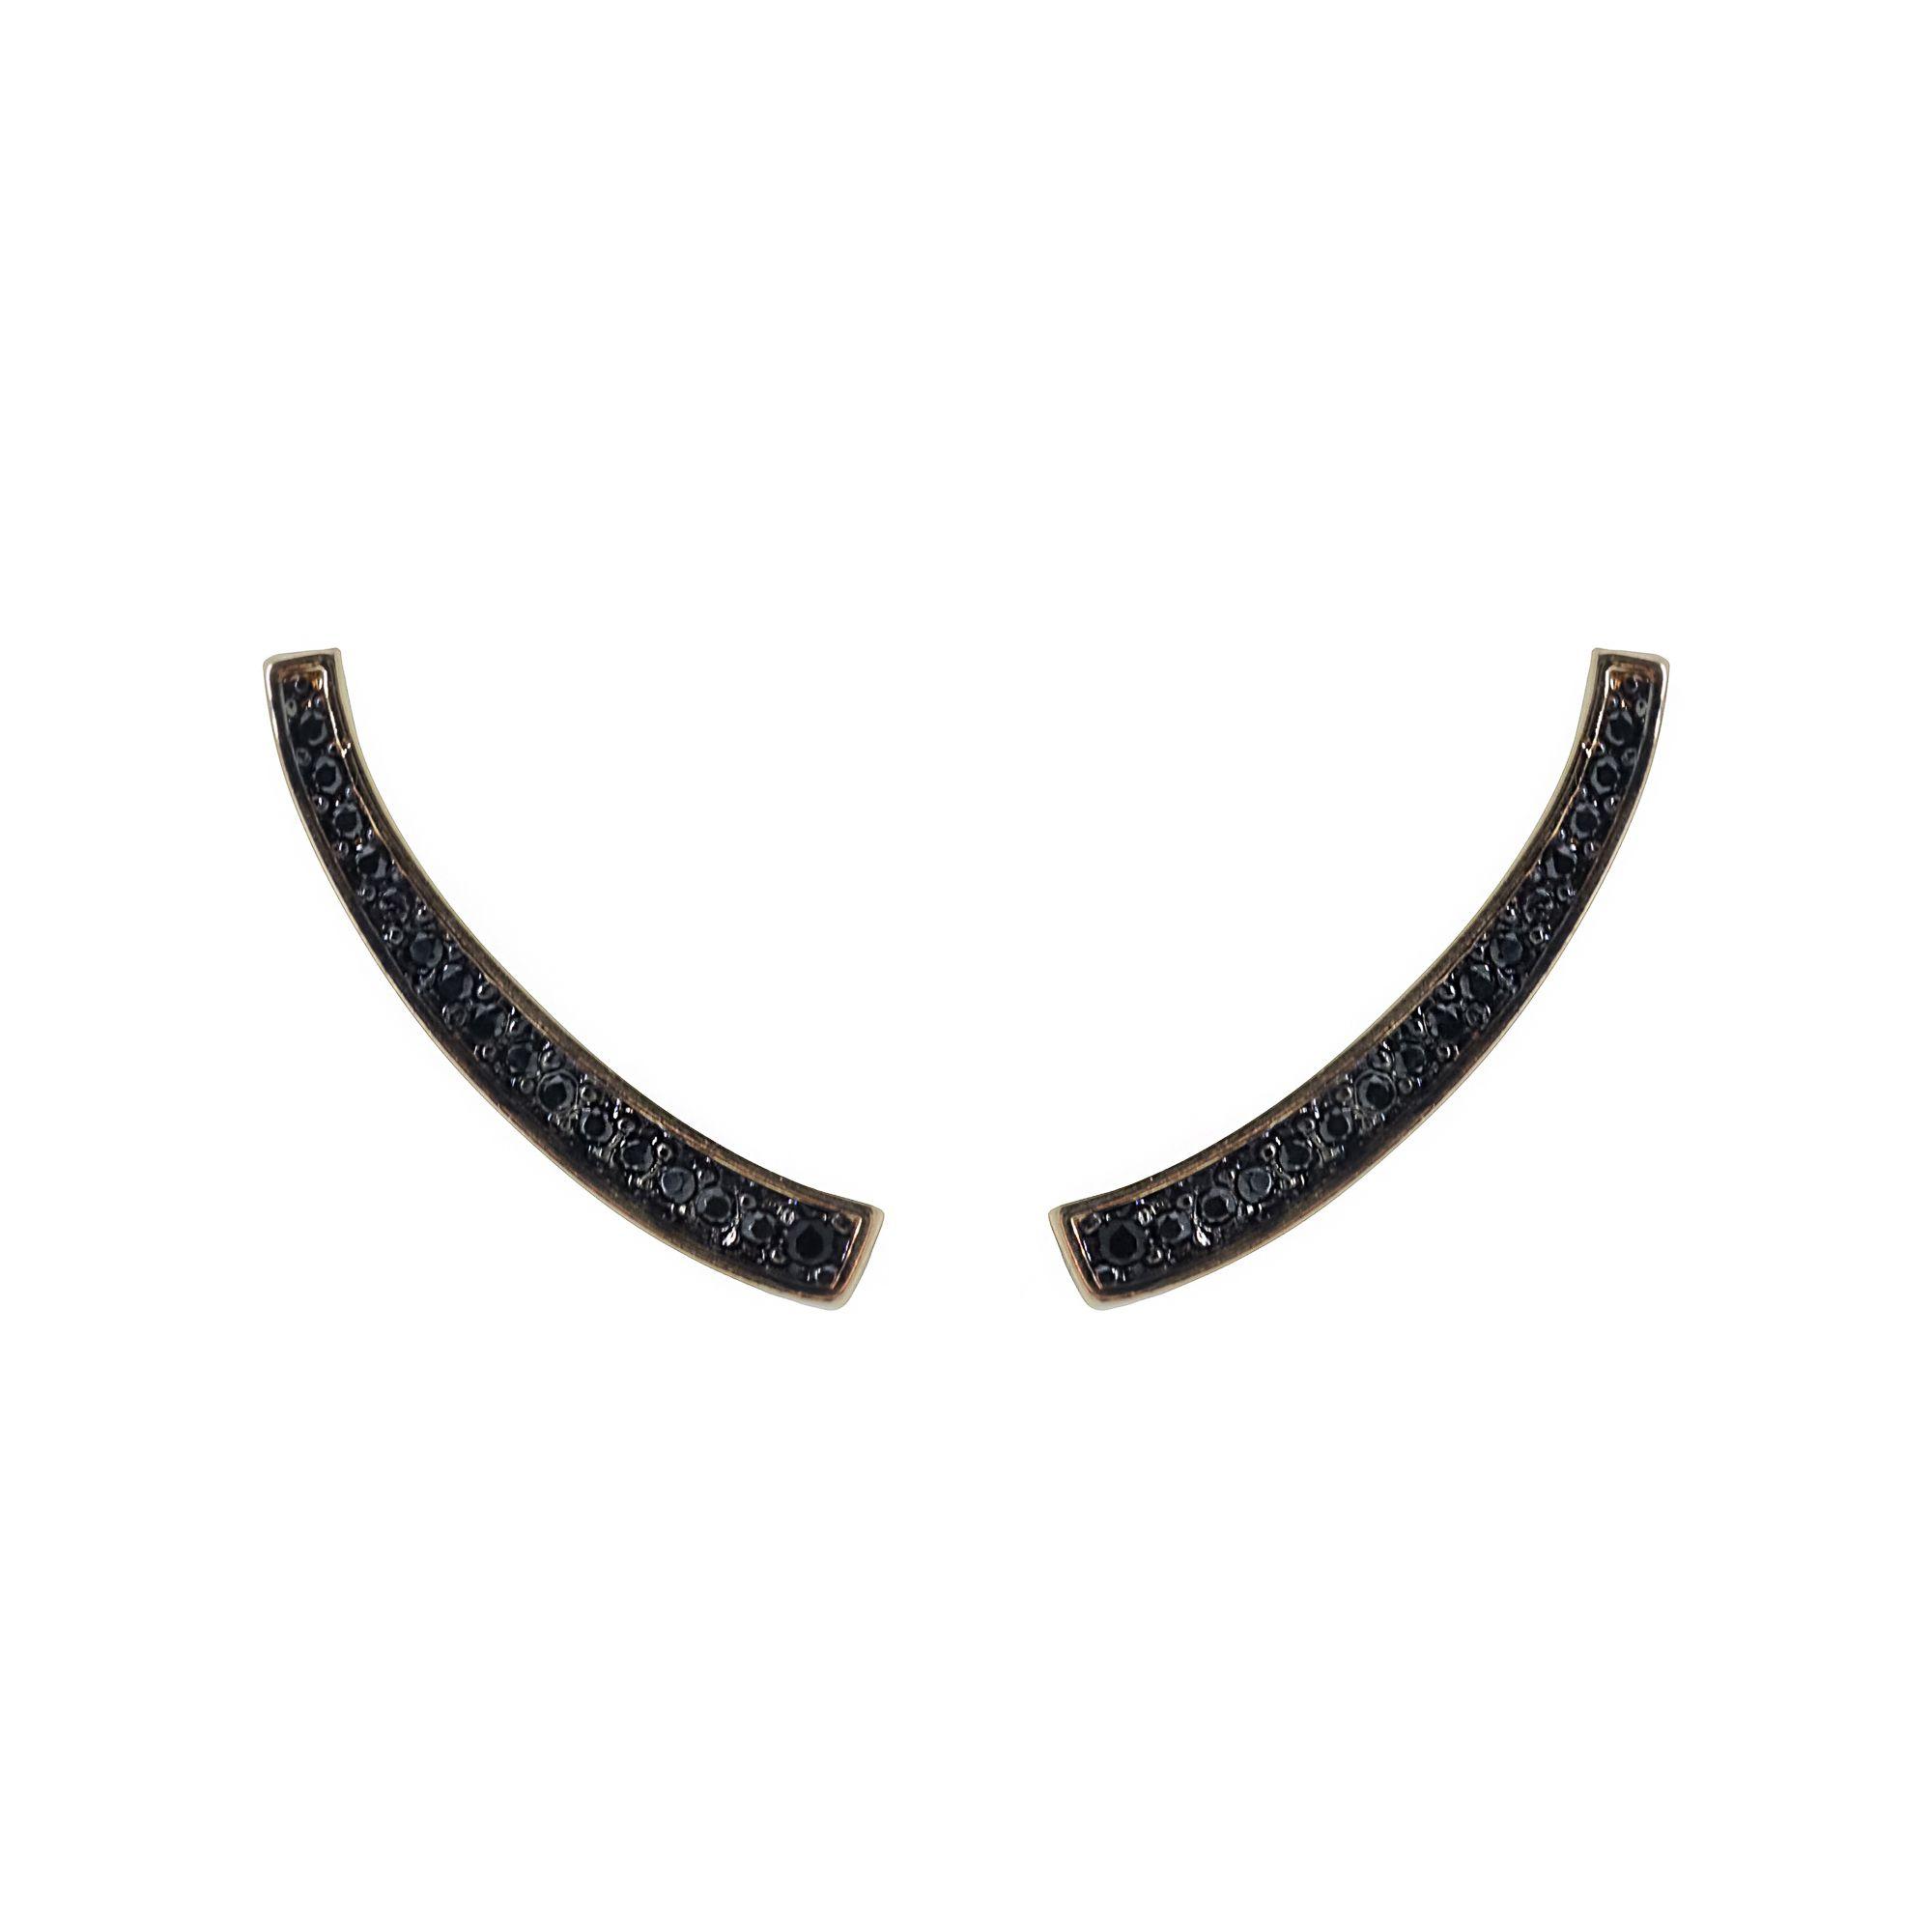 Brinco Ear cuff cravejado de zirconia e folheado cores longo